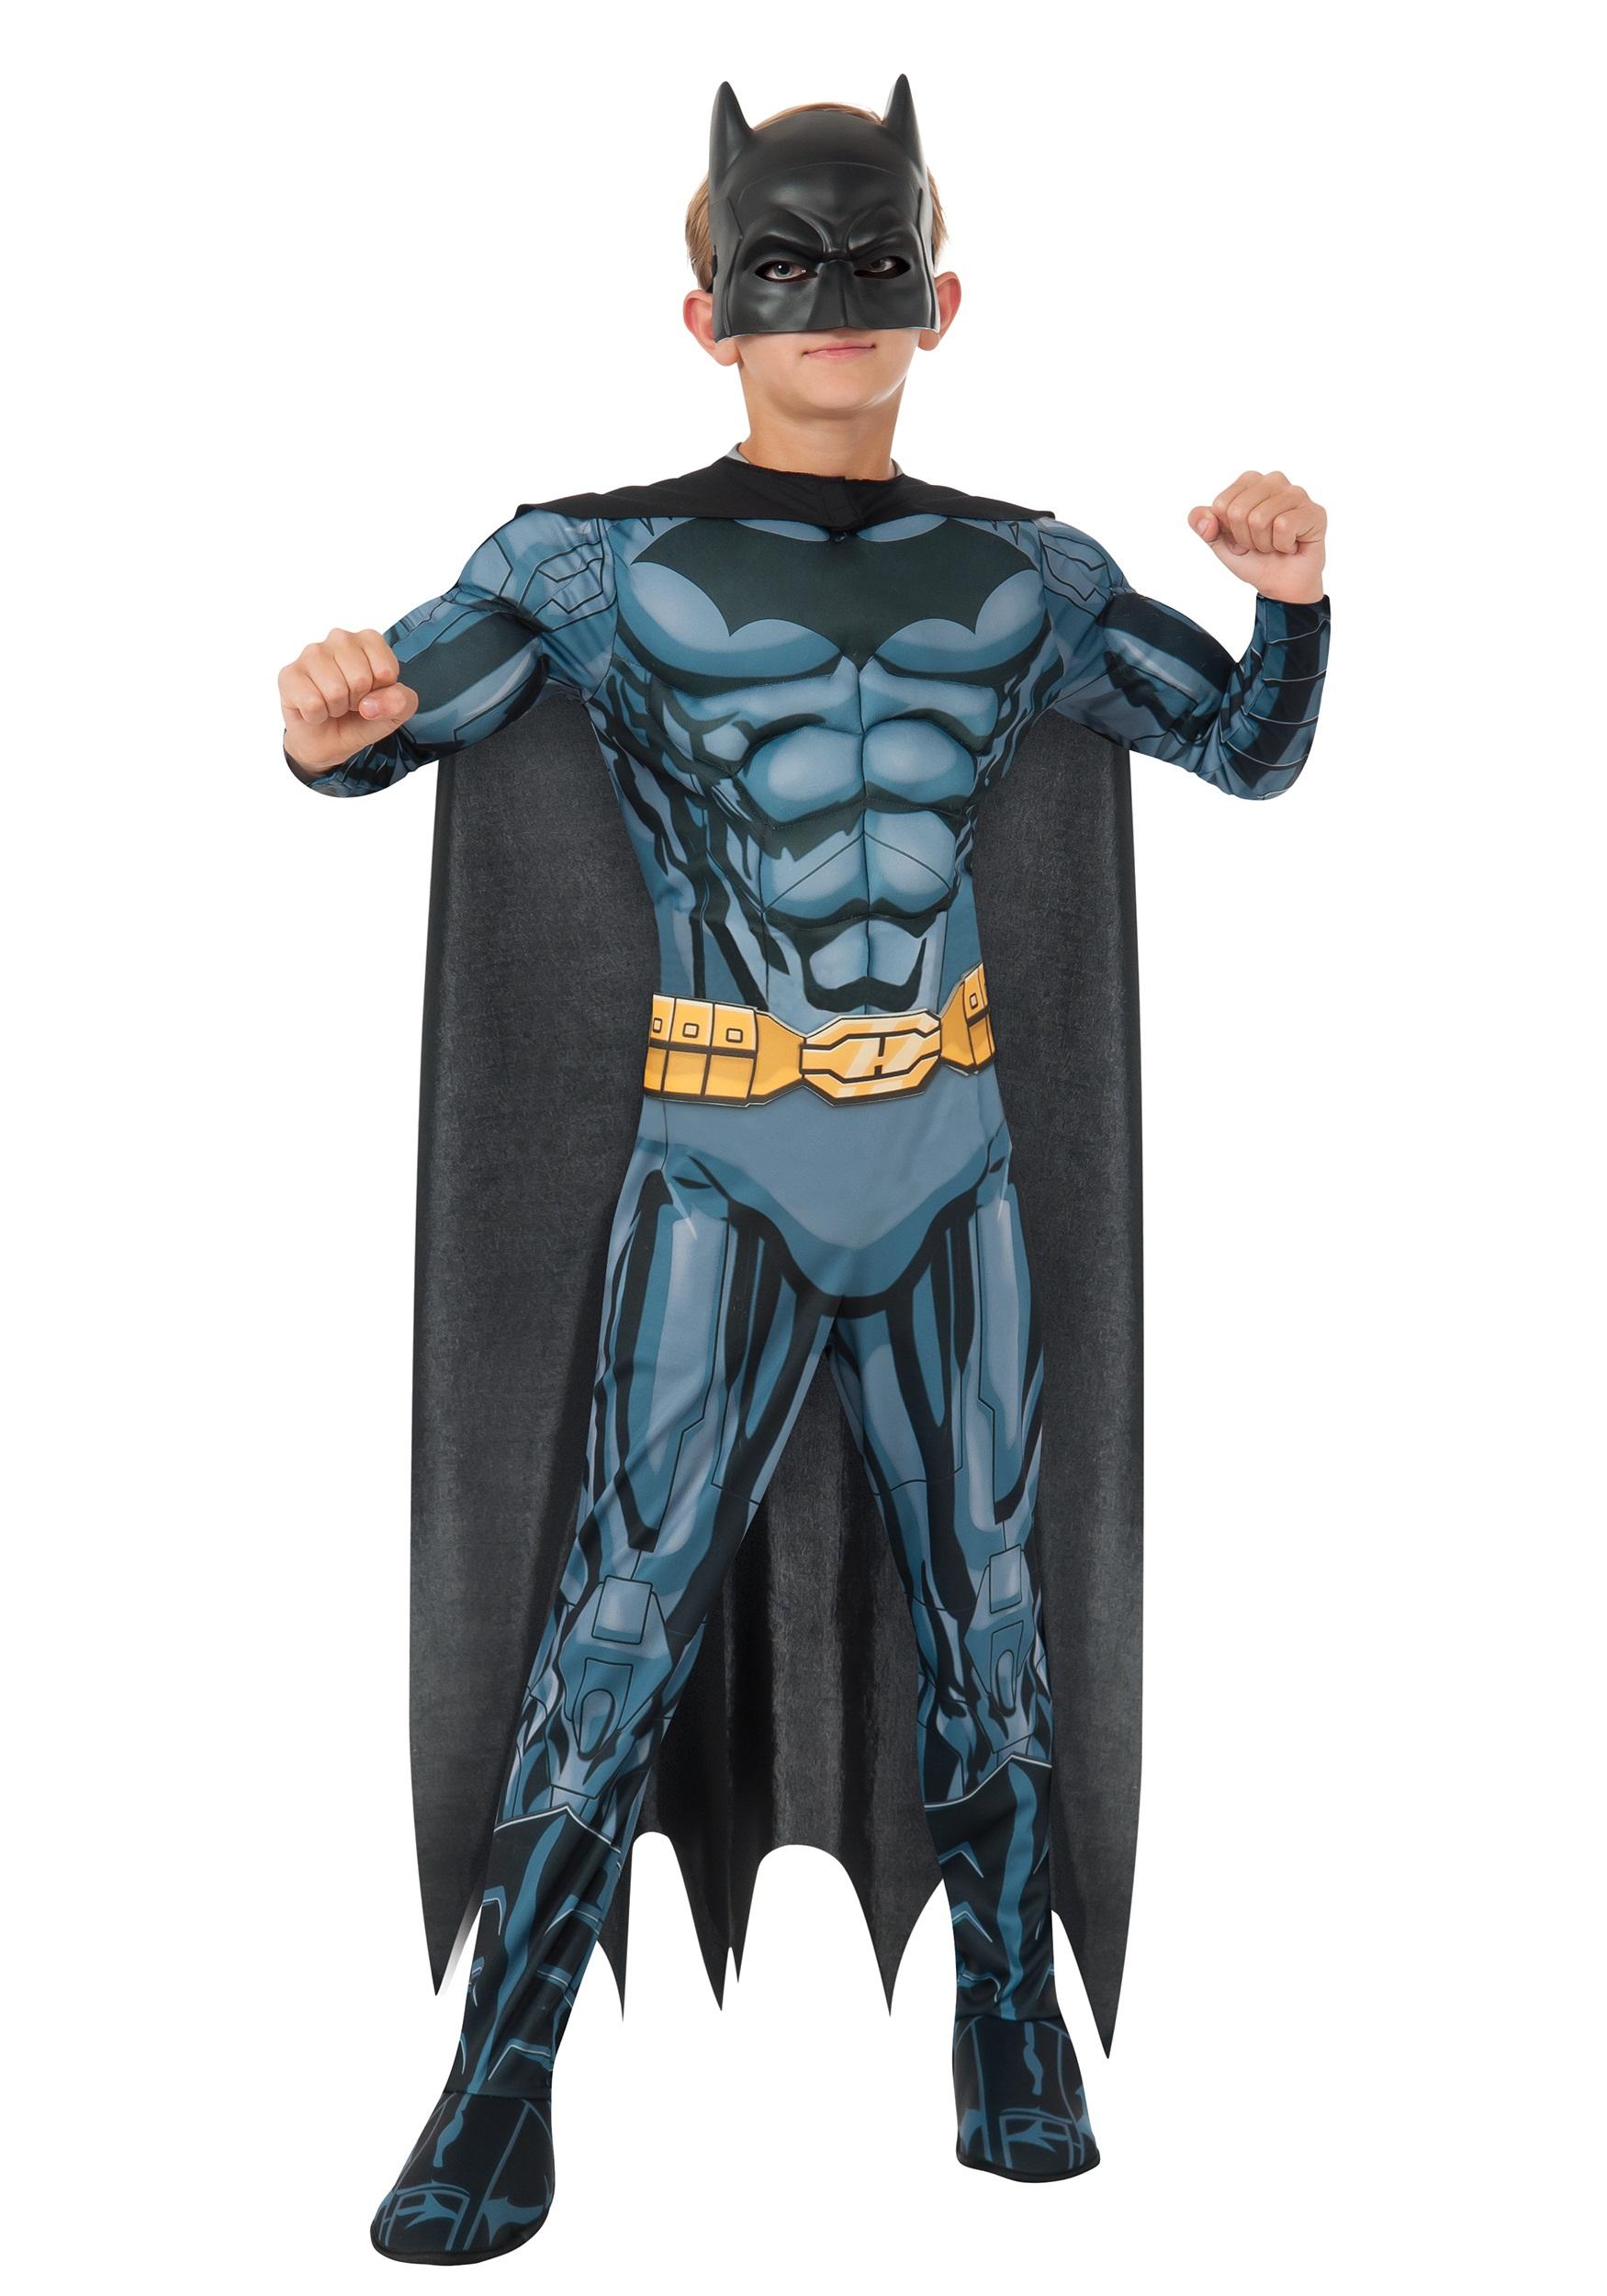 Deluxe Child Batman Costume  sc 1 st  Halloween Costumes & Deluxe Child Batman Costume - Halloween Costumes